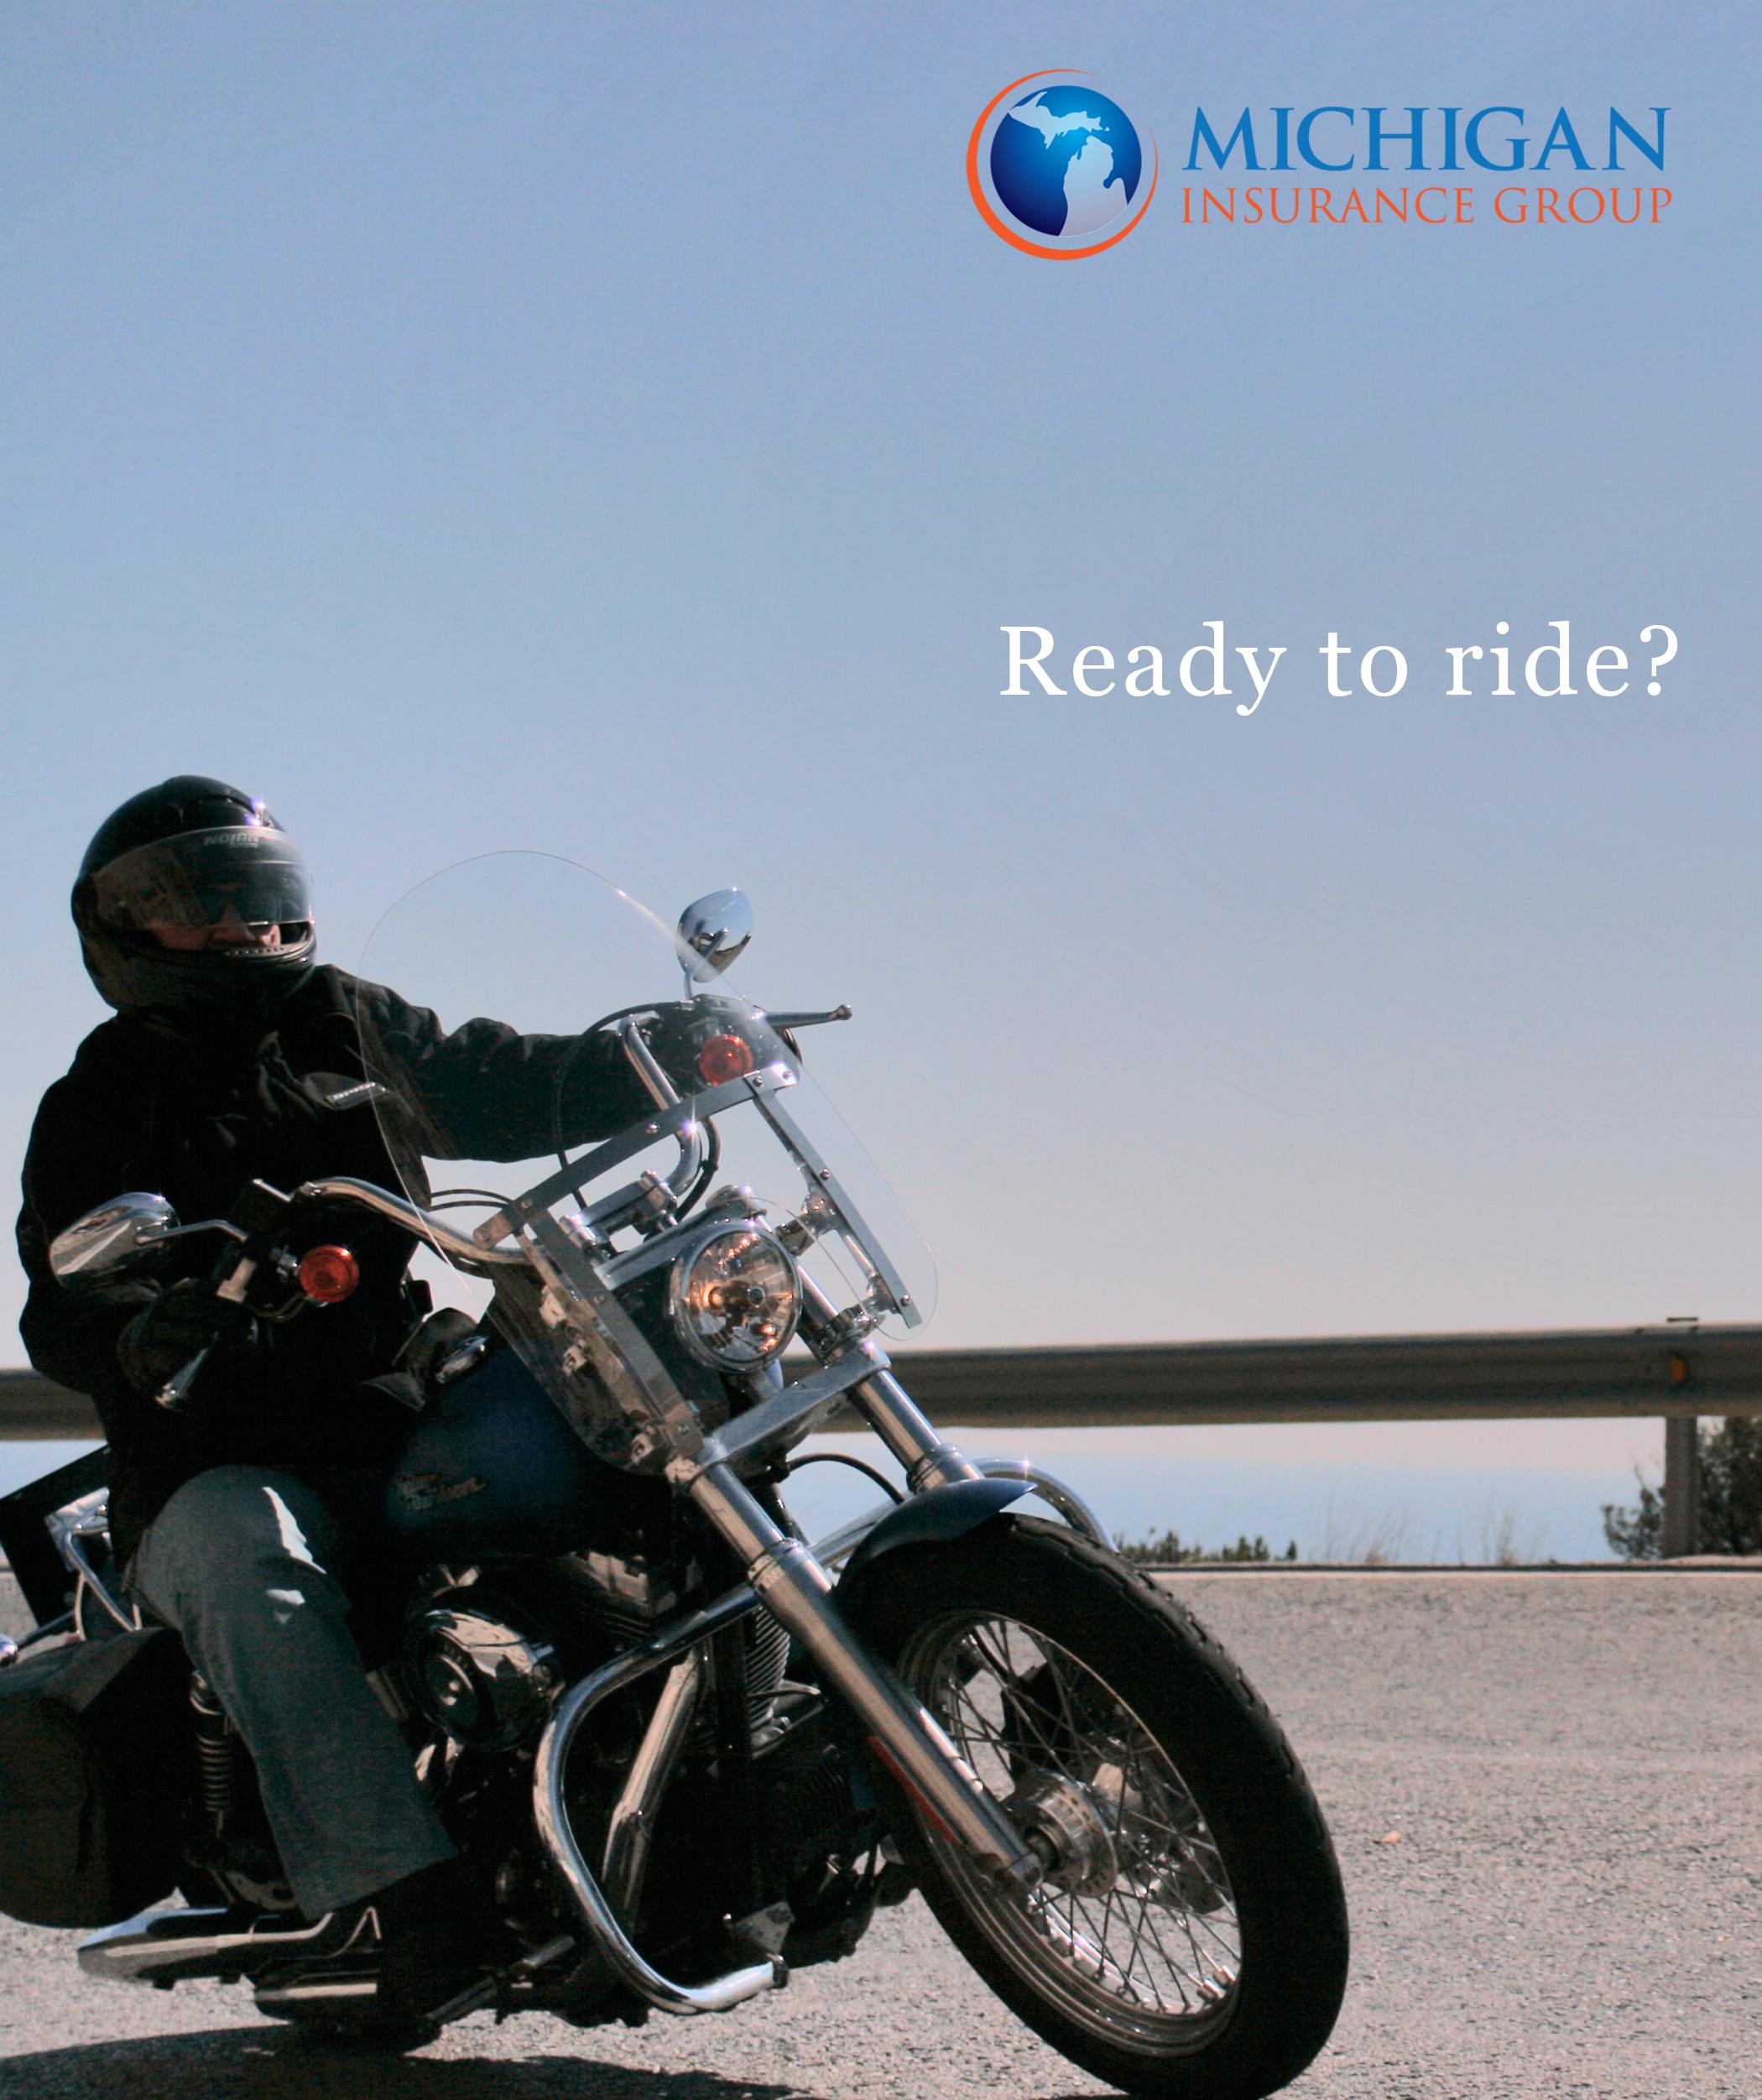 Blue Skies Open Road It S Almost Motorcycle Season Make Sure